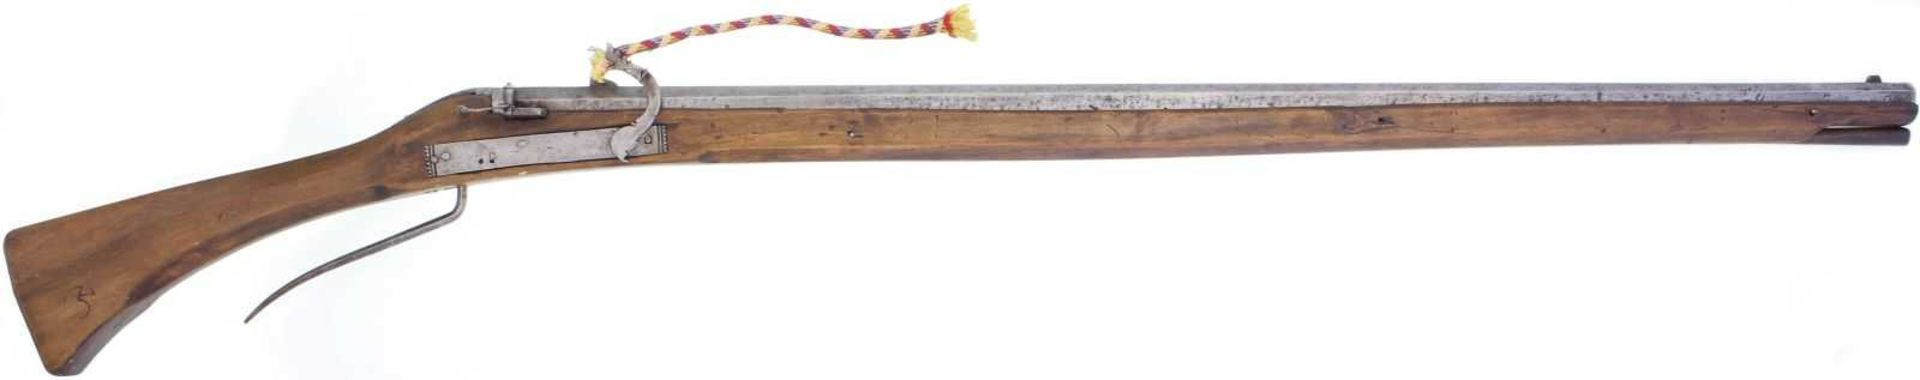 Luntenschlossbüchse, um 1600, Kal. 14.8mm LL 1150mm, TL 1550mm, glatter voller Achtkantlauf. Marke